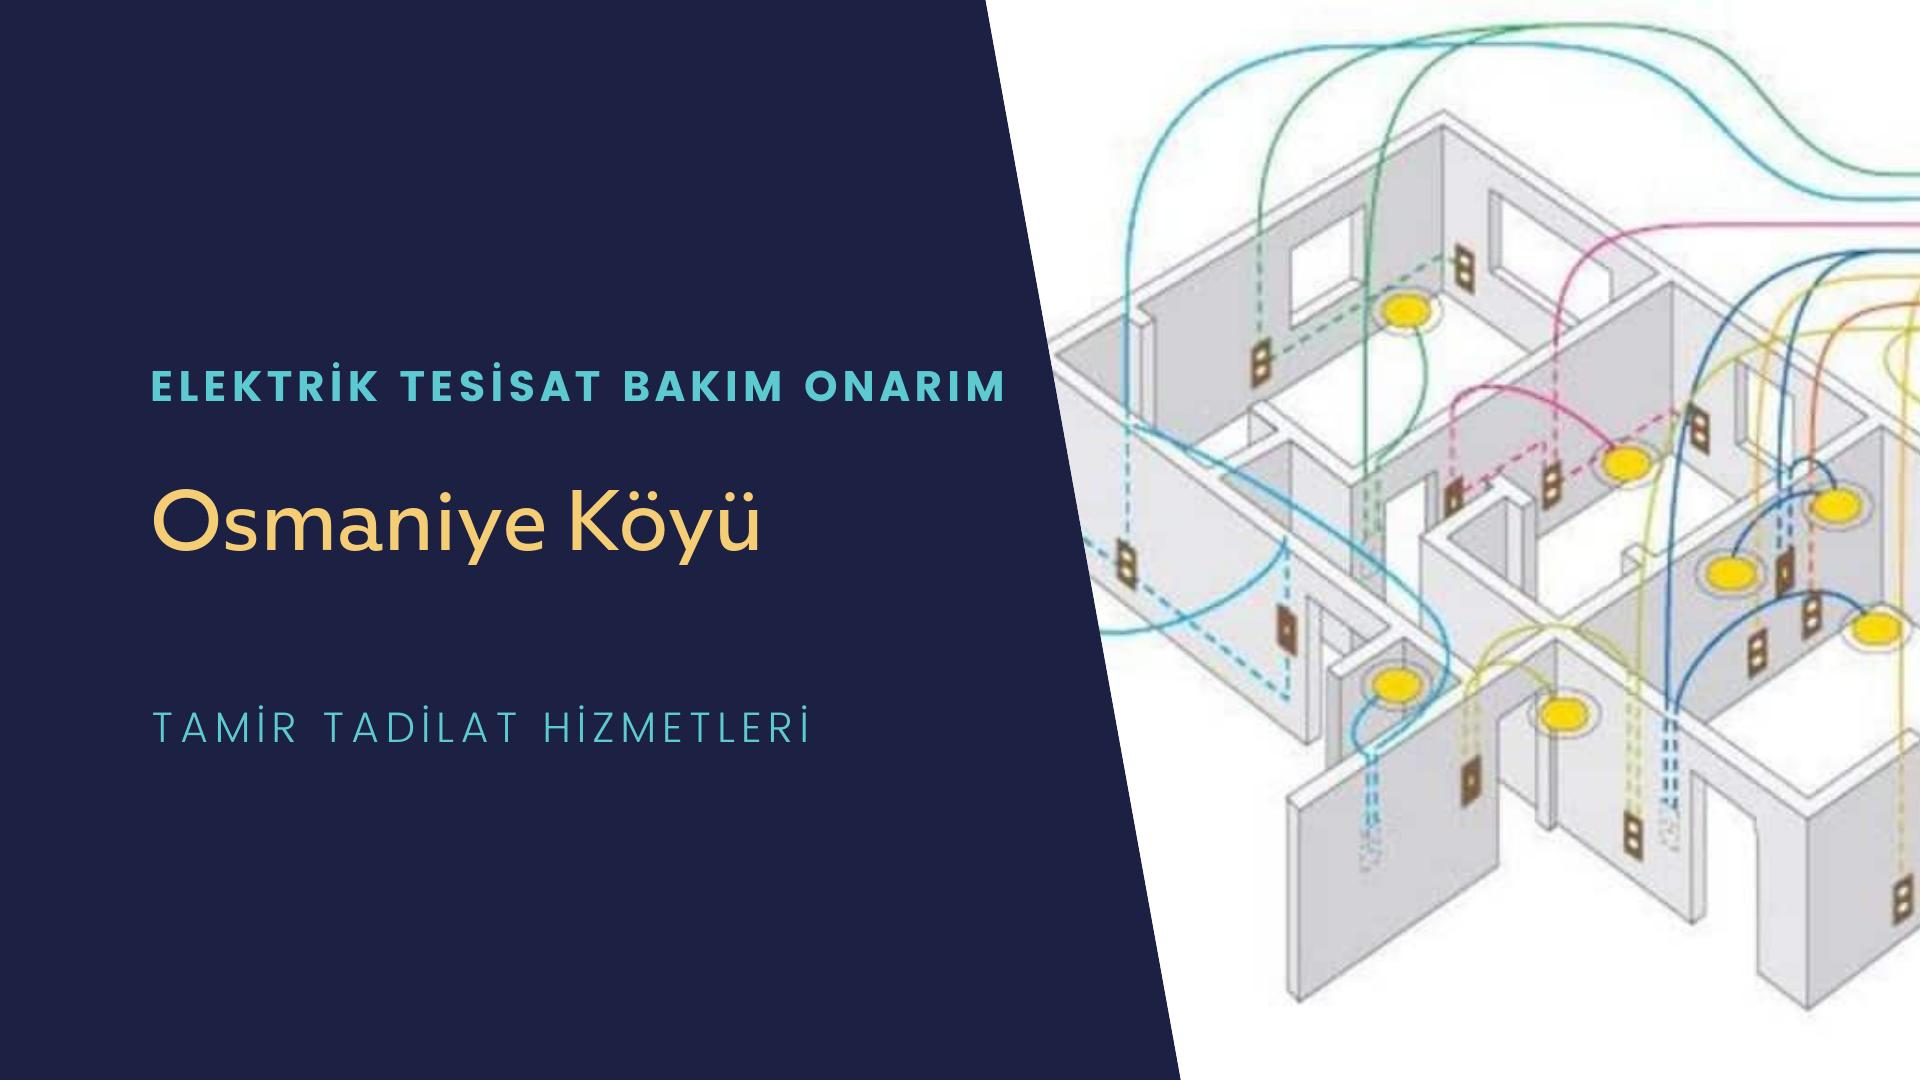 Osmaniye Köyü  elektrik tesisatıustalarımı arıyorsunuz doğru adrestenizi Osmaniye Köyü elektrik tesisatı ustalarımız 7/24 sizlere hizmet vermekten mutluluk duyar.